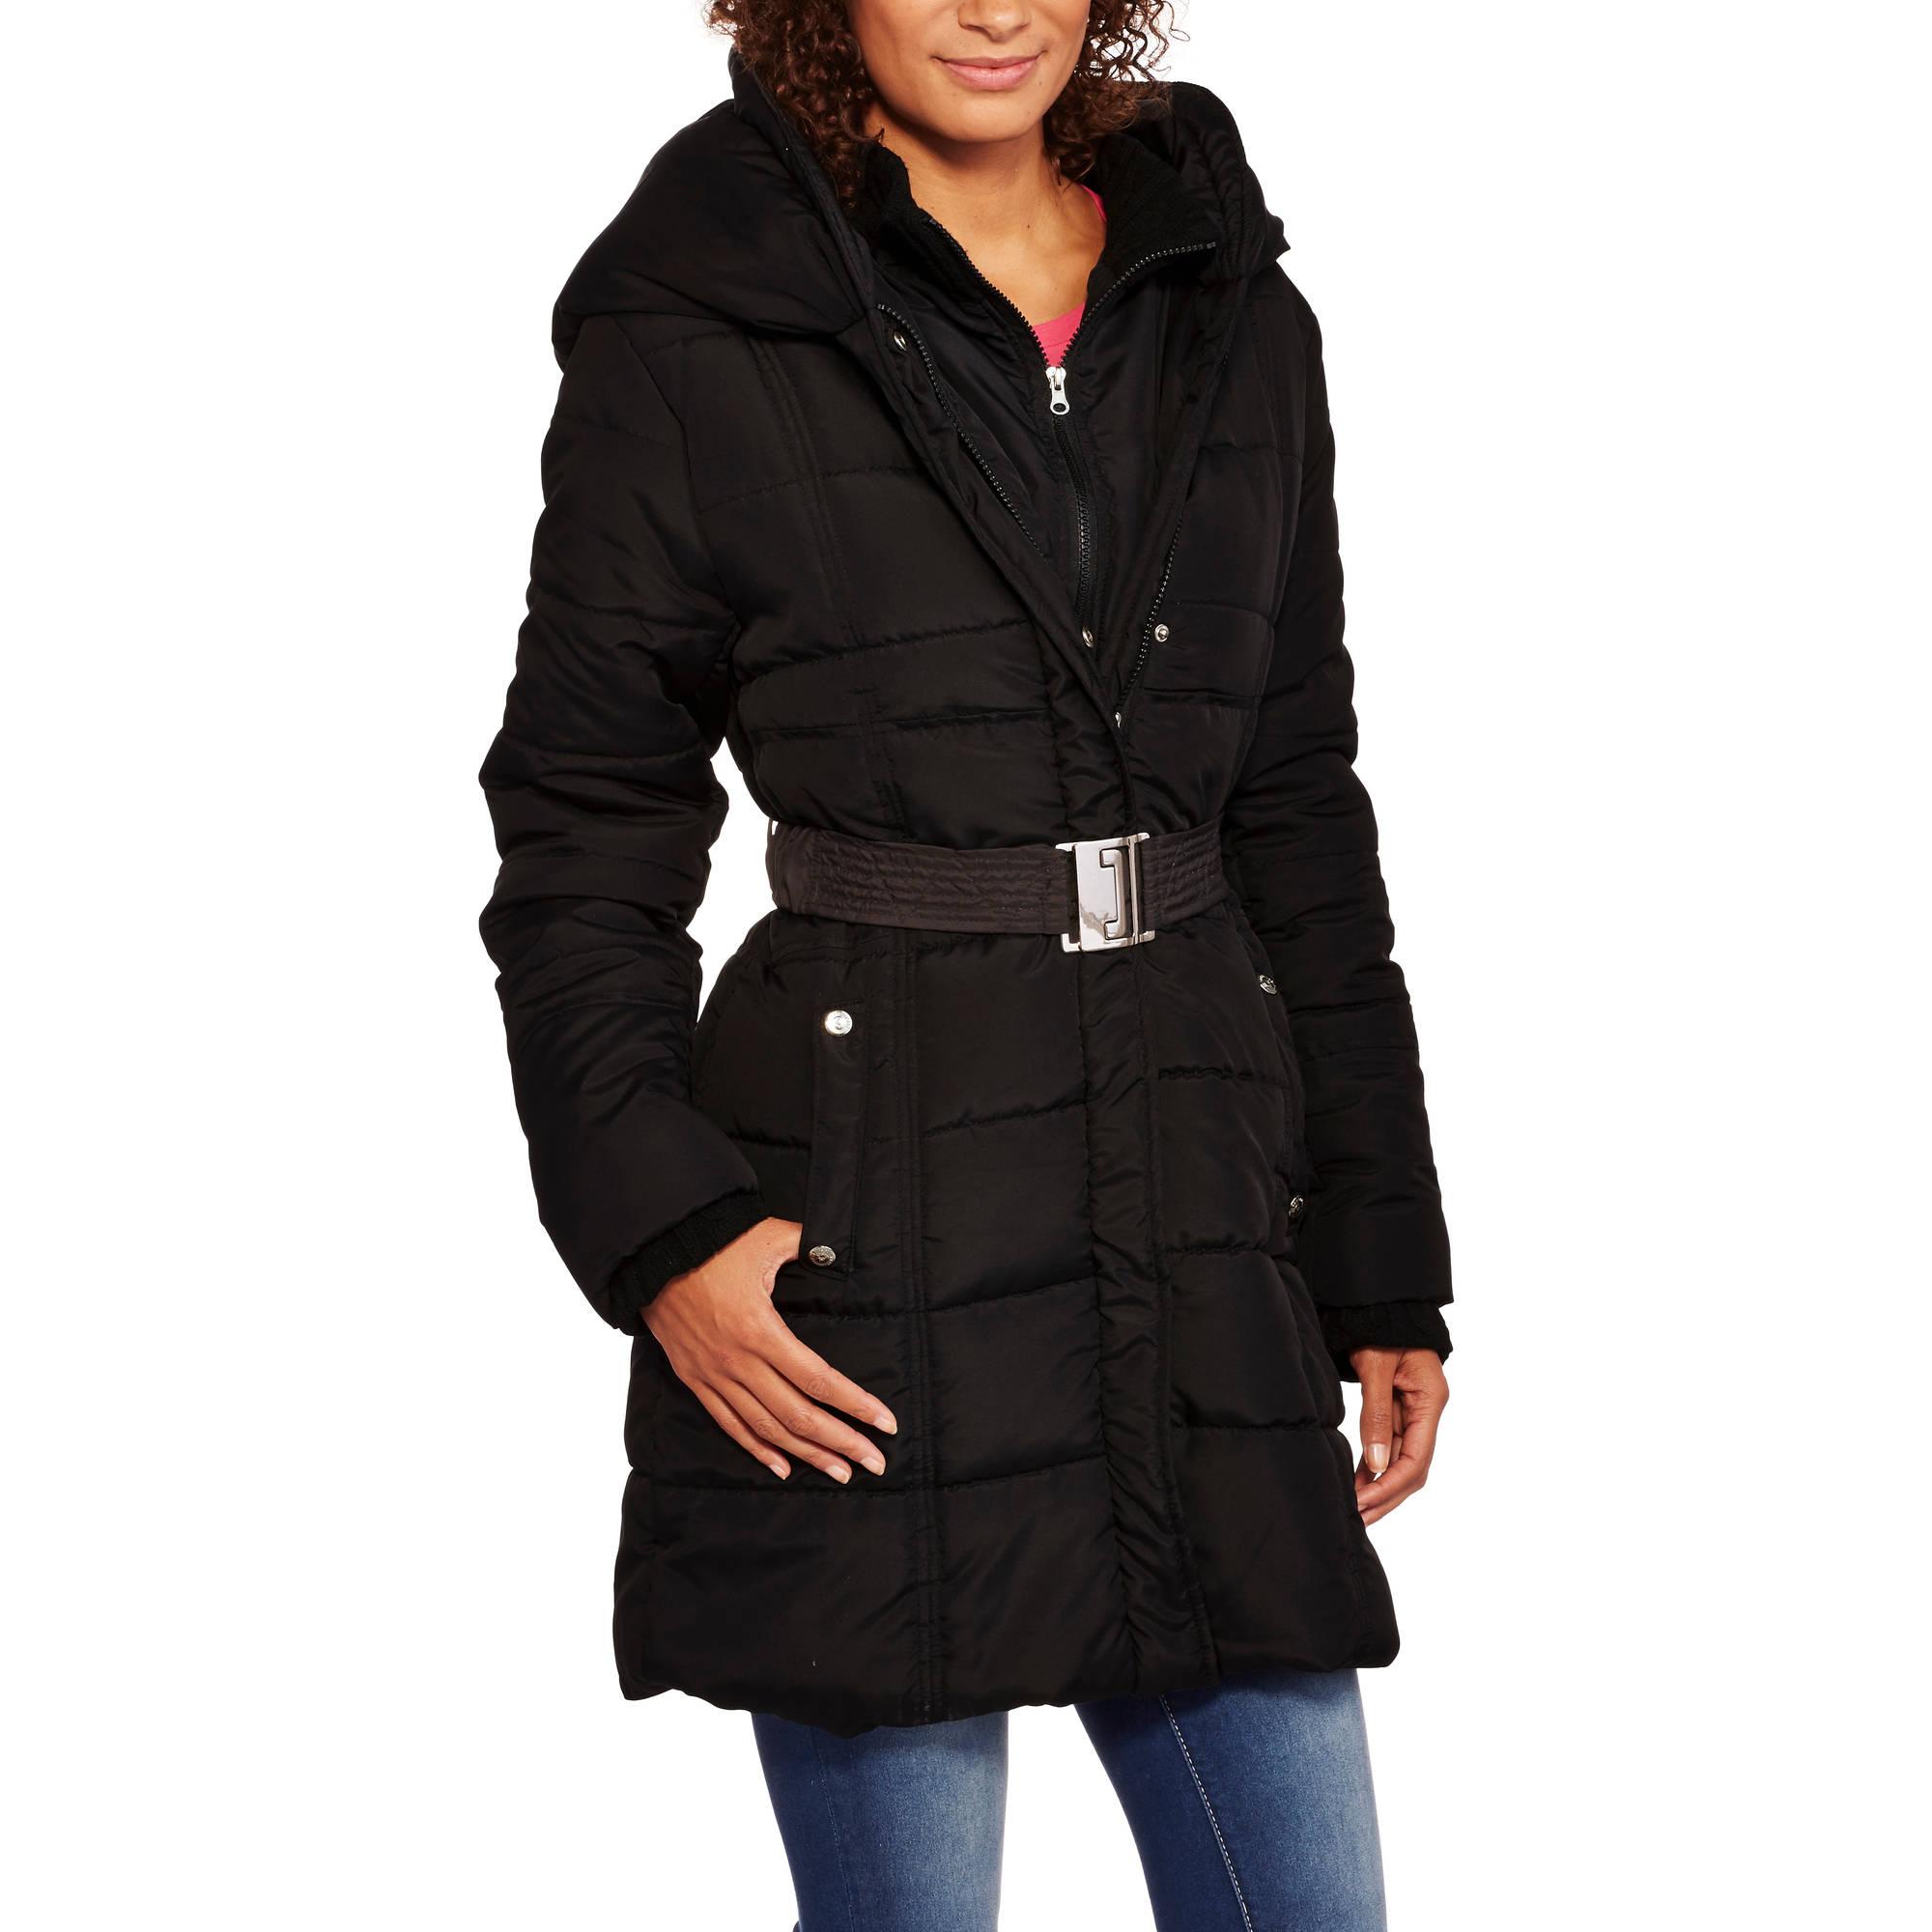 Fahrenheit Women's Belted Long Puffer Coat